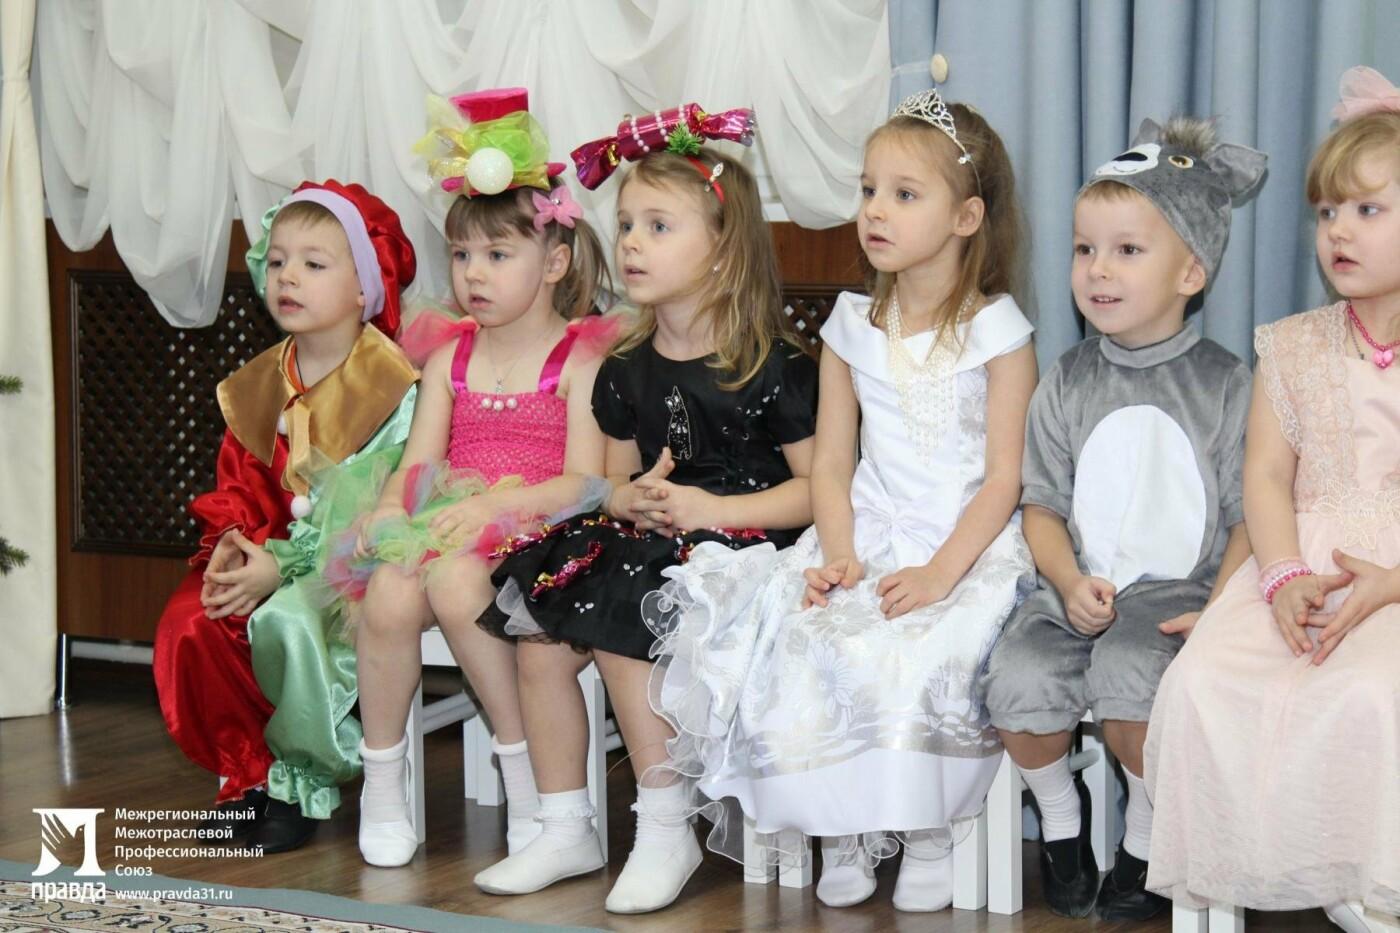 Праздник к нам приходит: воспитанников православного детского сада «Рождественский» поздравили с Новым годом, фото-13